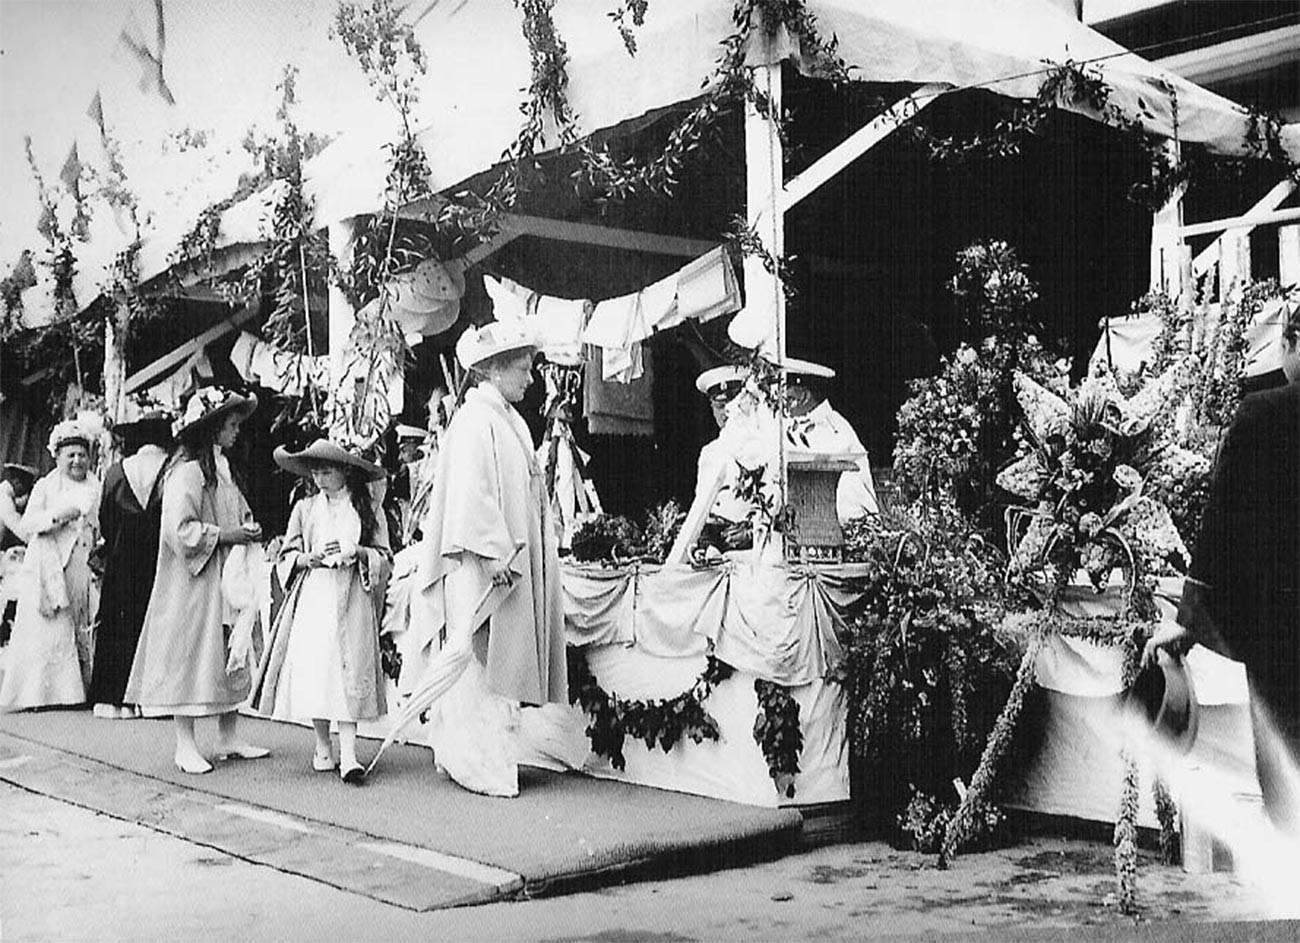 L'imperatrice Aleksandra Fjodorovna con le sue figlie a un mercatino di beneficenza